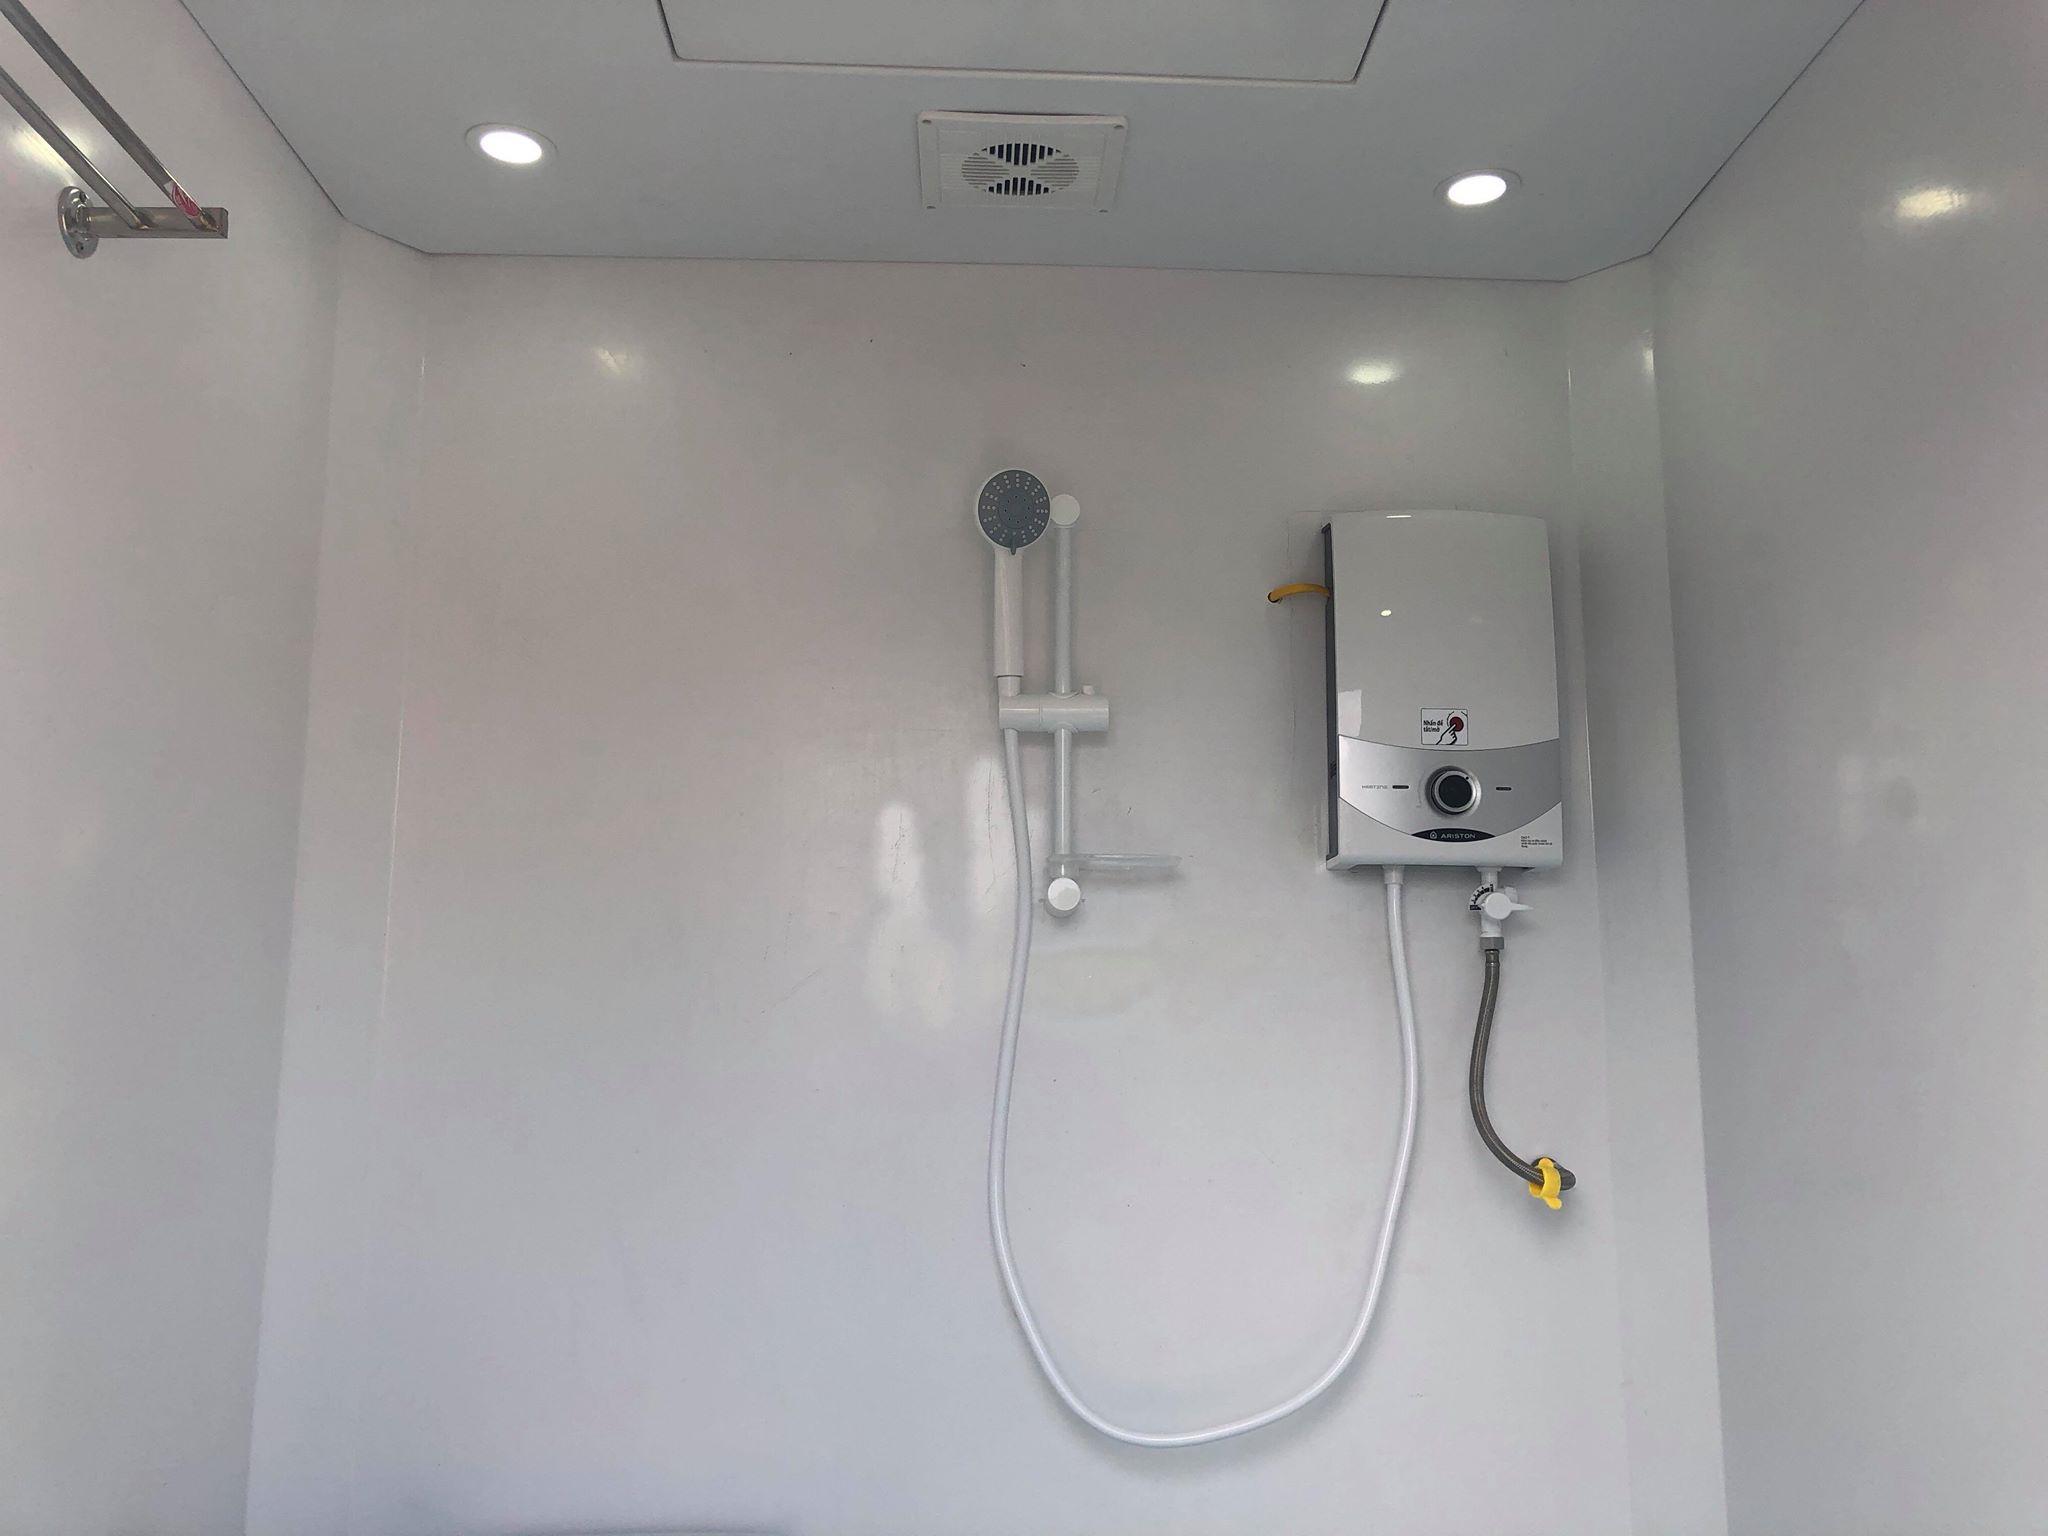 Bình nước nóng trực tiếp Ariston có bơm trợ lực được trang bị cho nhà vệ sinh di động Handy H17.3